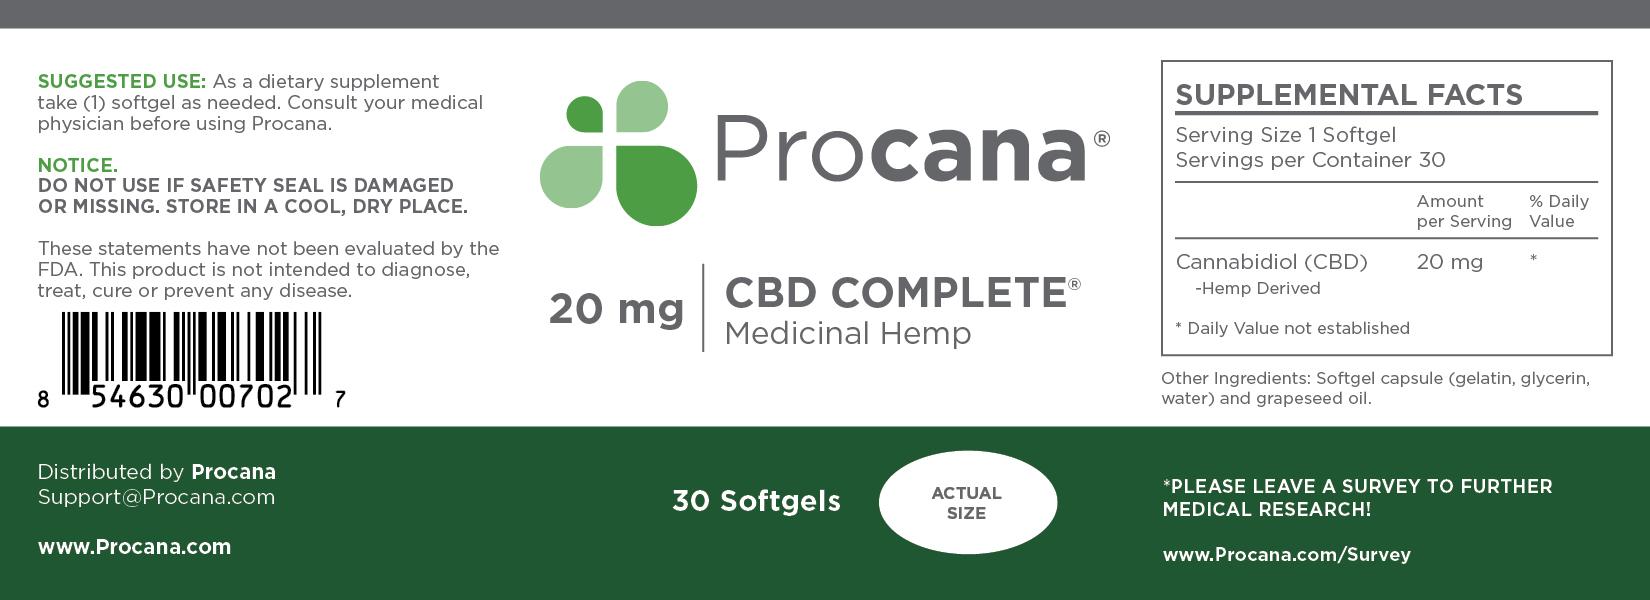 Procana-Label-CBDComplete